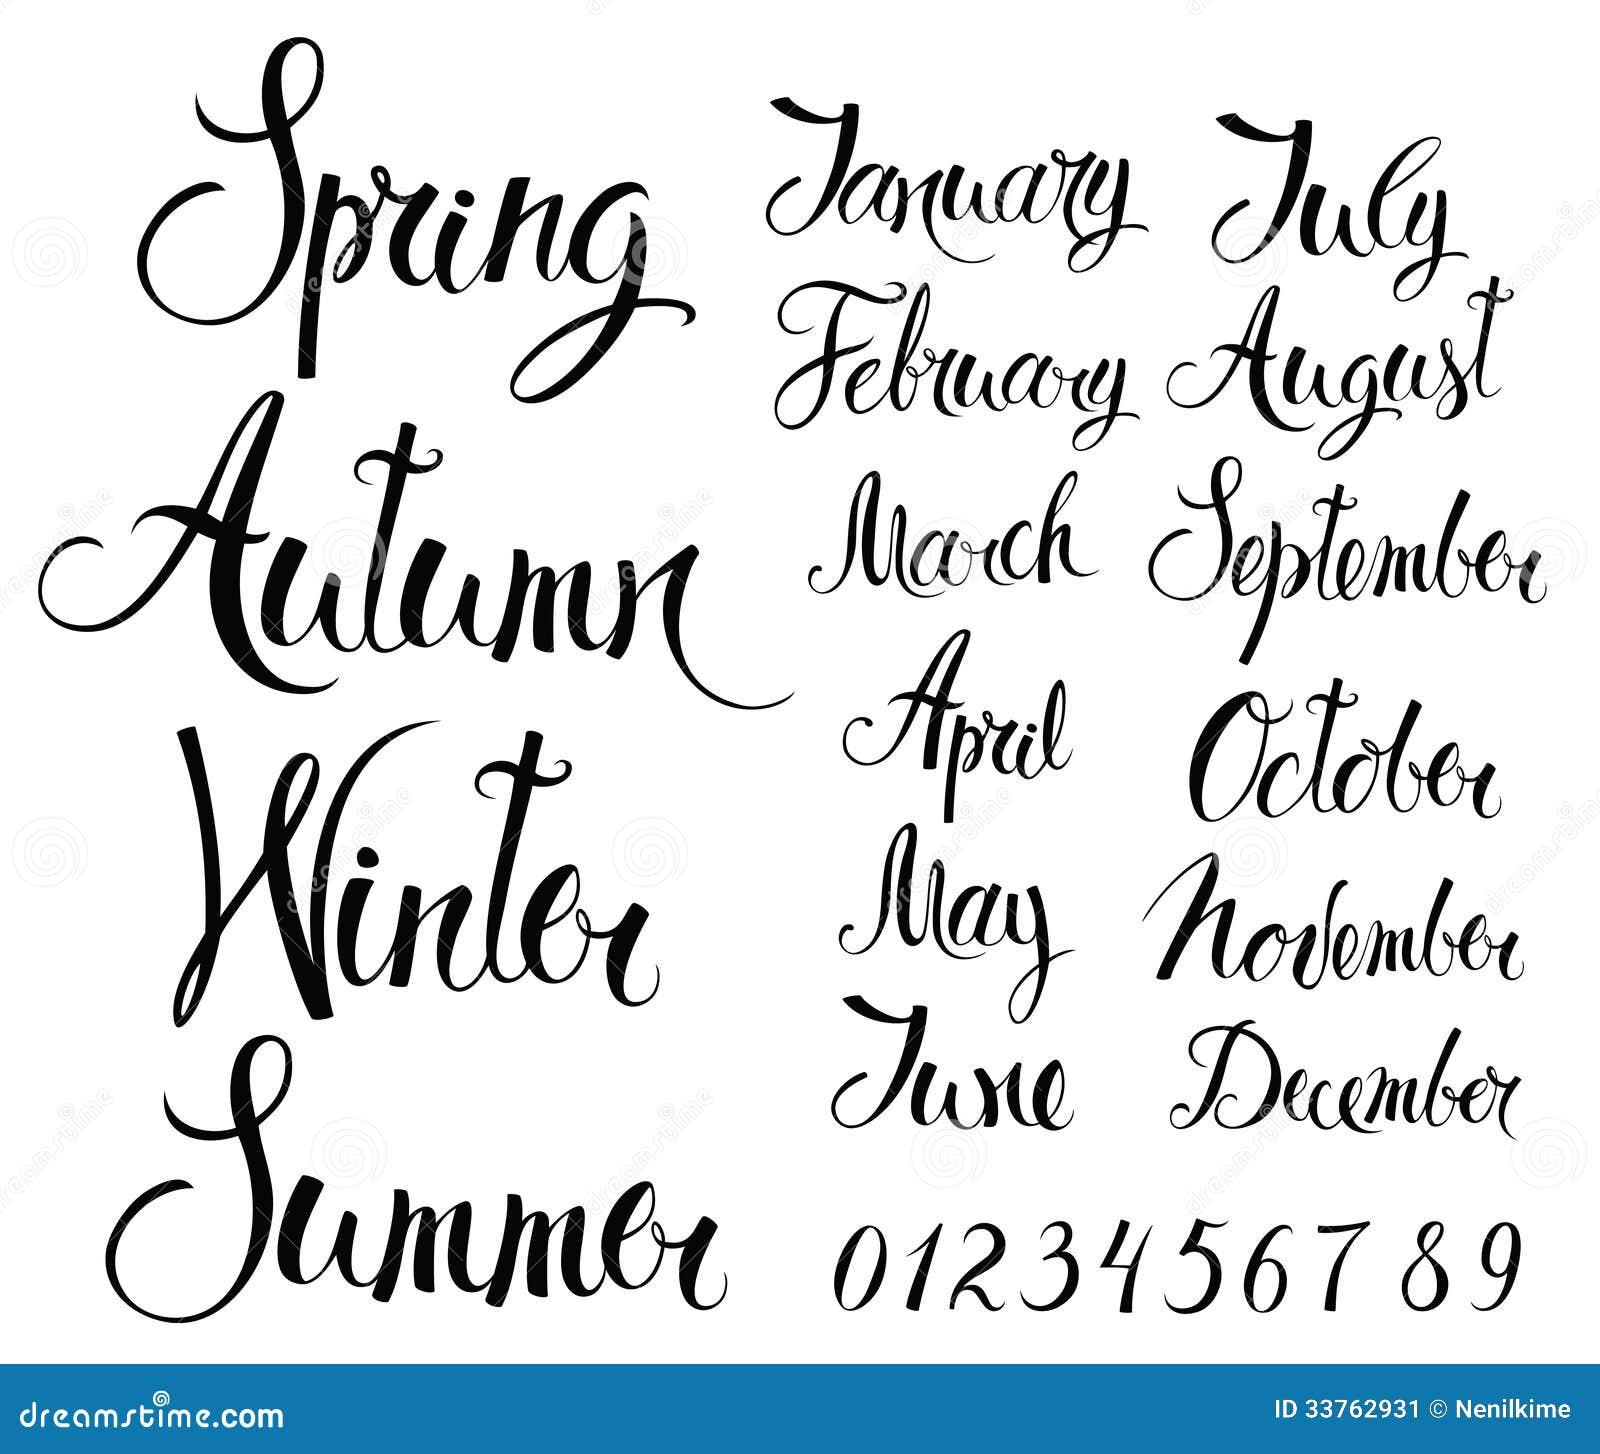 季节、几个月和数字